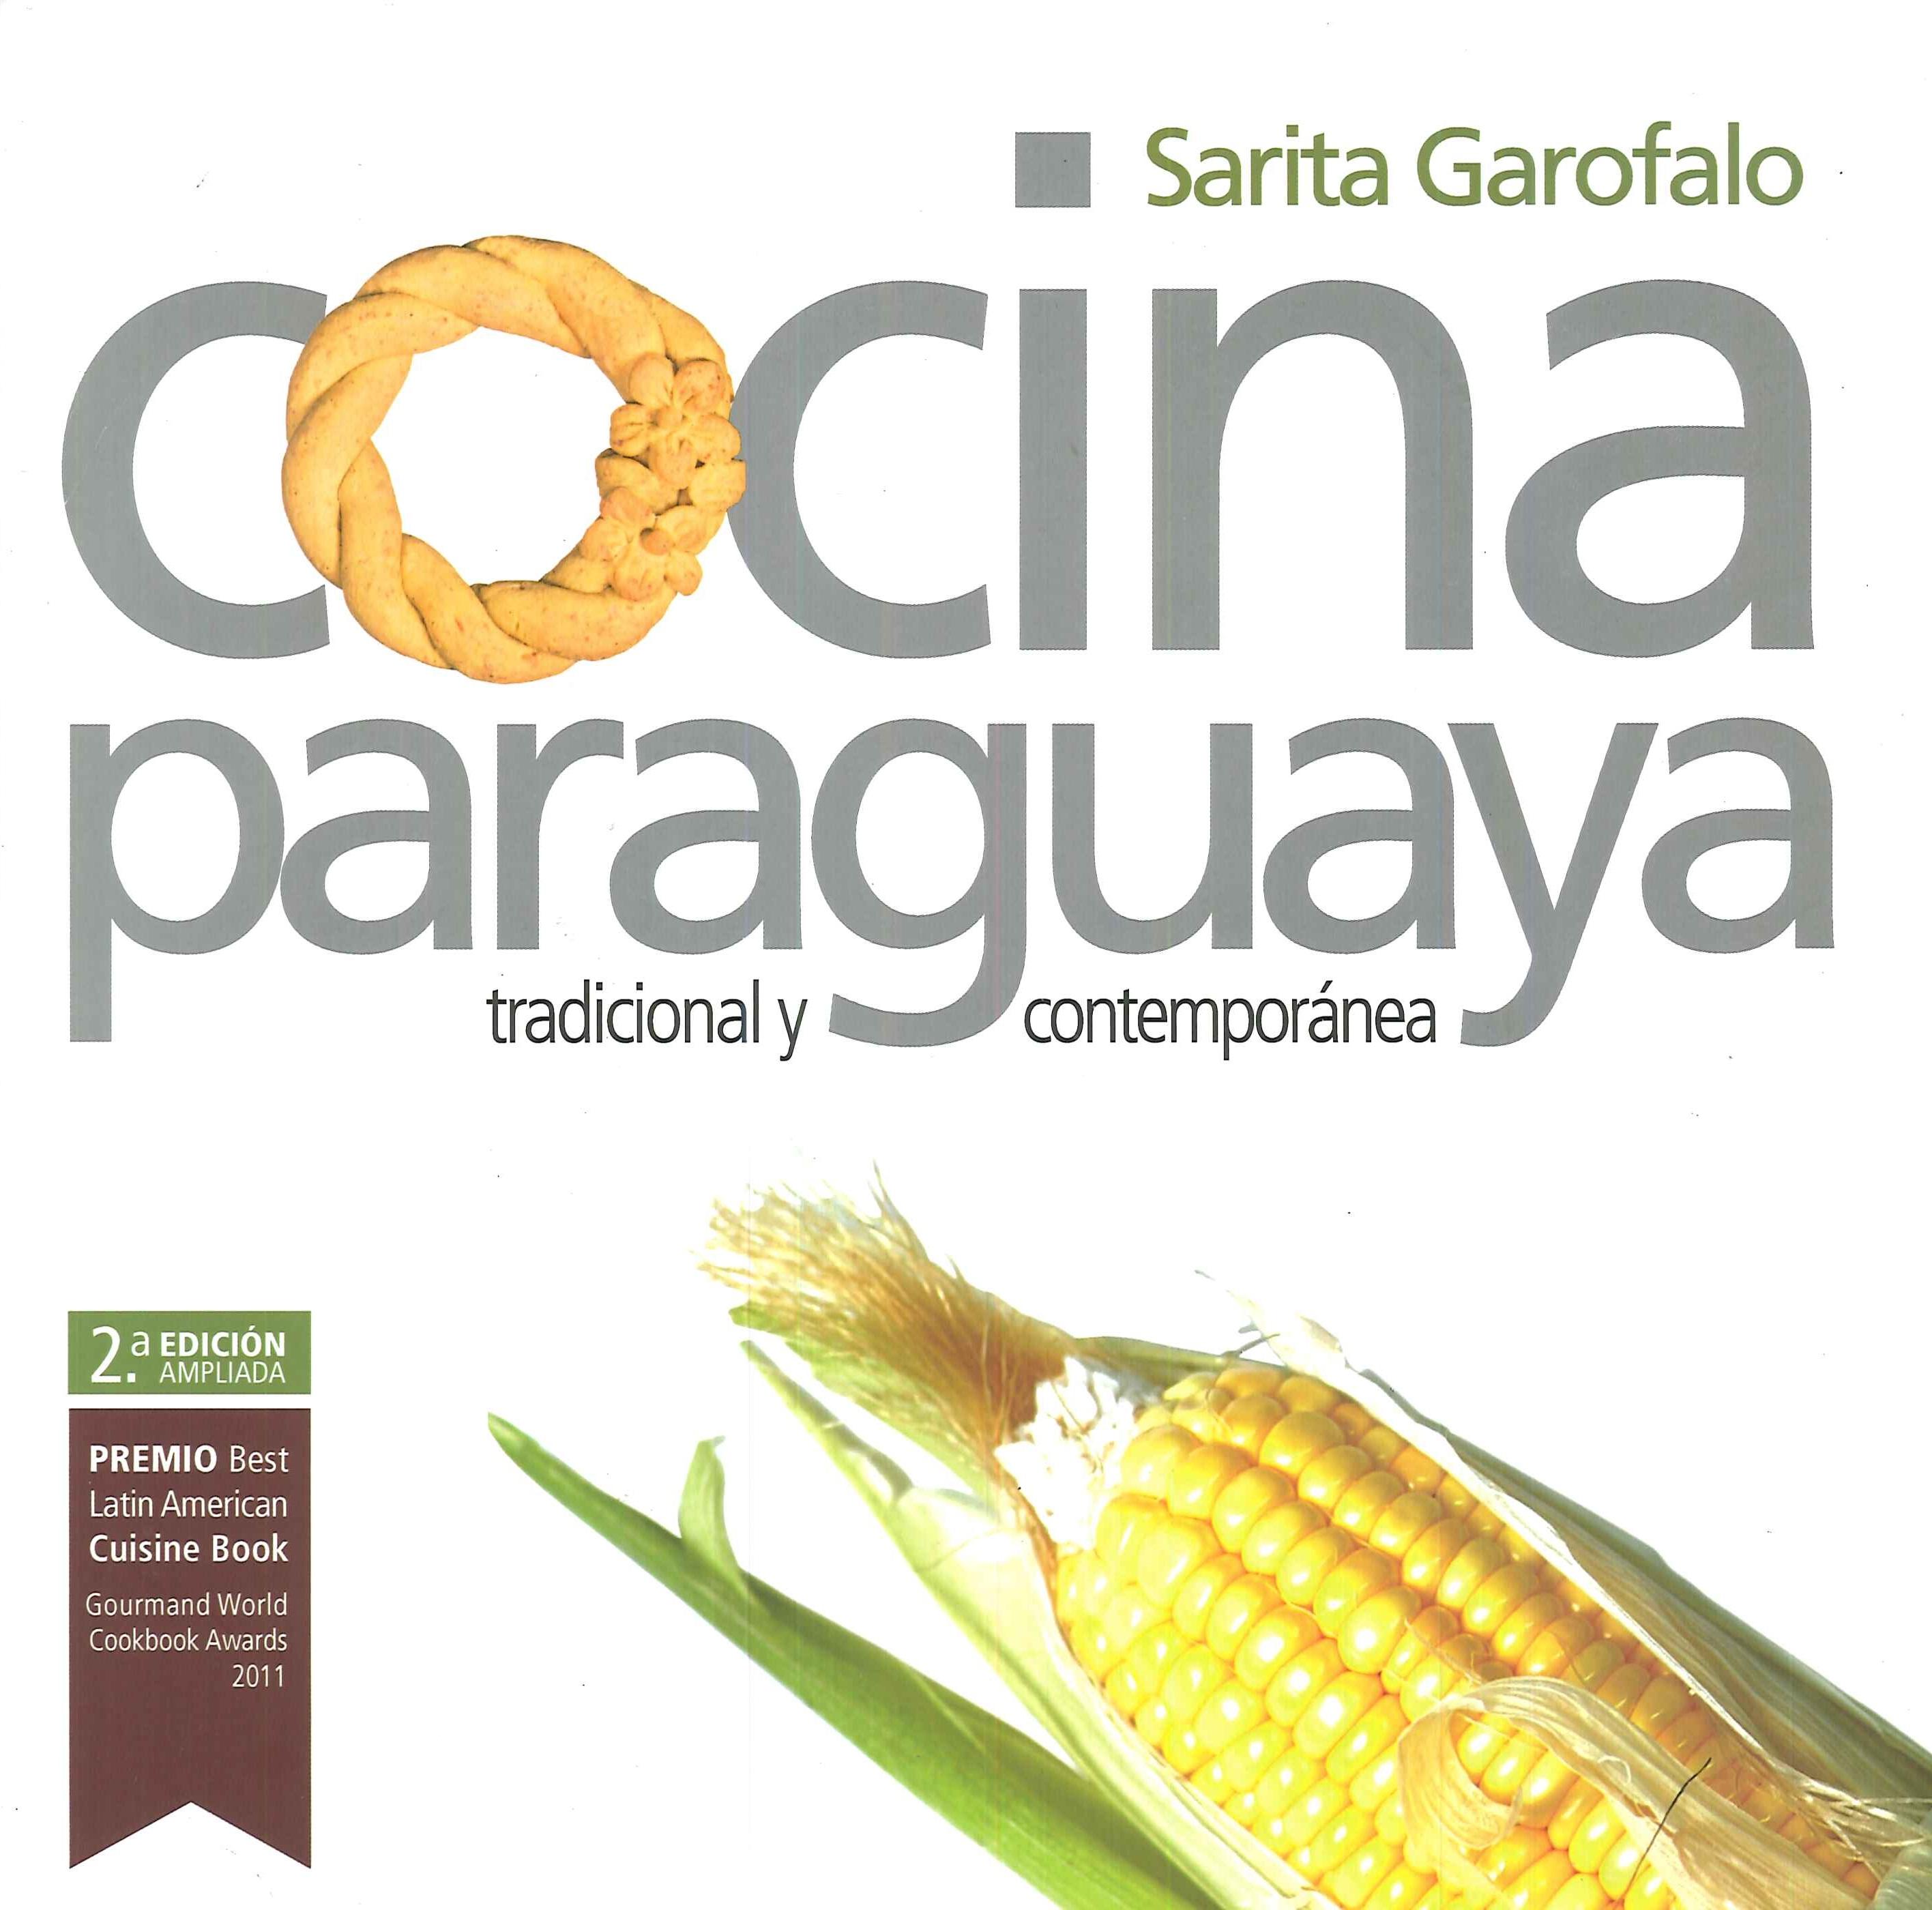 Cocina paraguaya tradicional y contemporánea